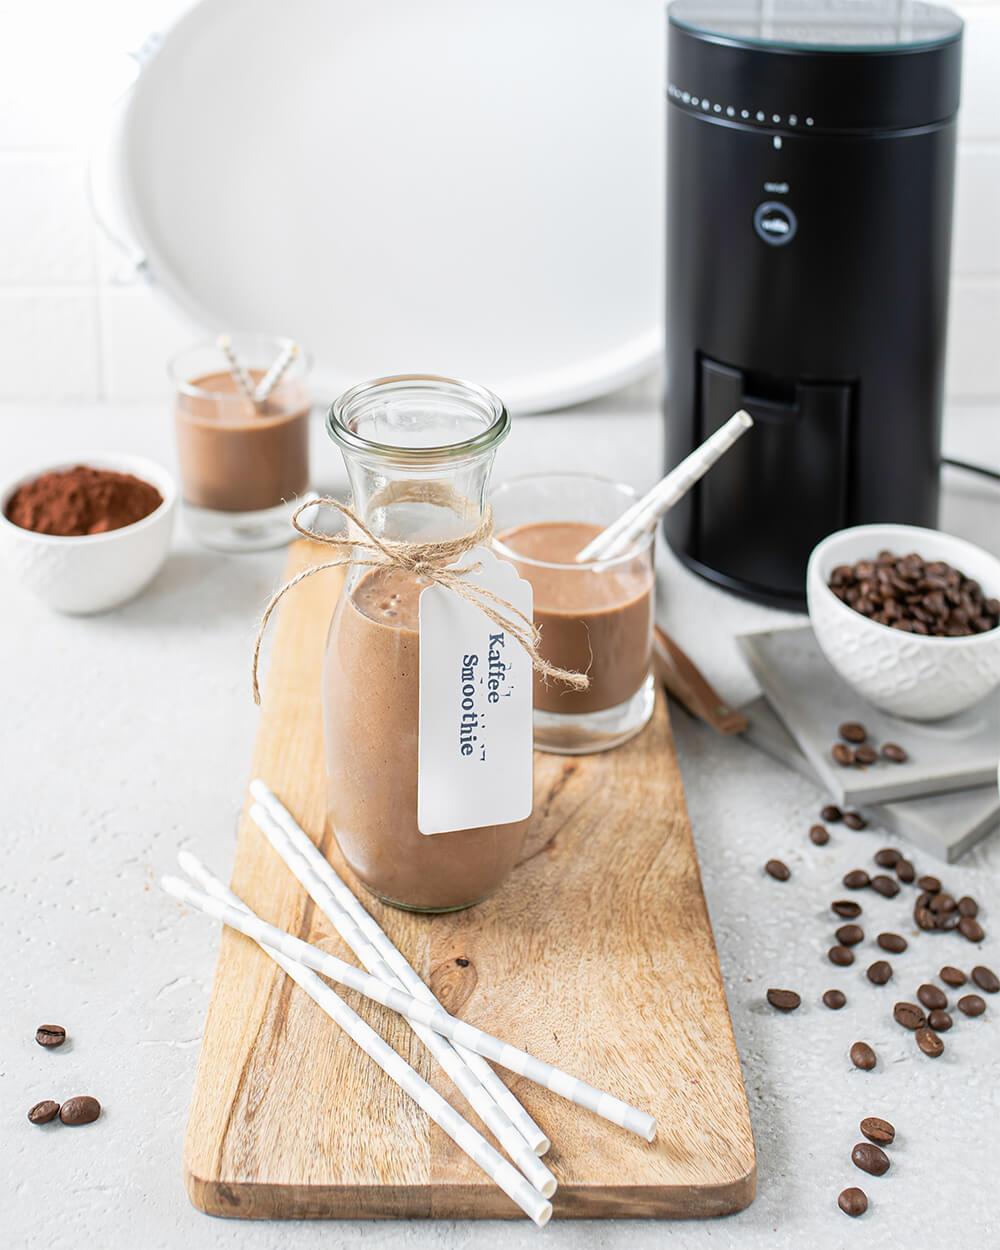 Kaffee-Smoothie mit frisch gemahlenem Kaffee